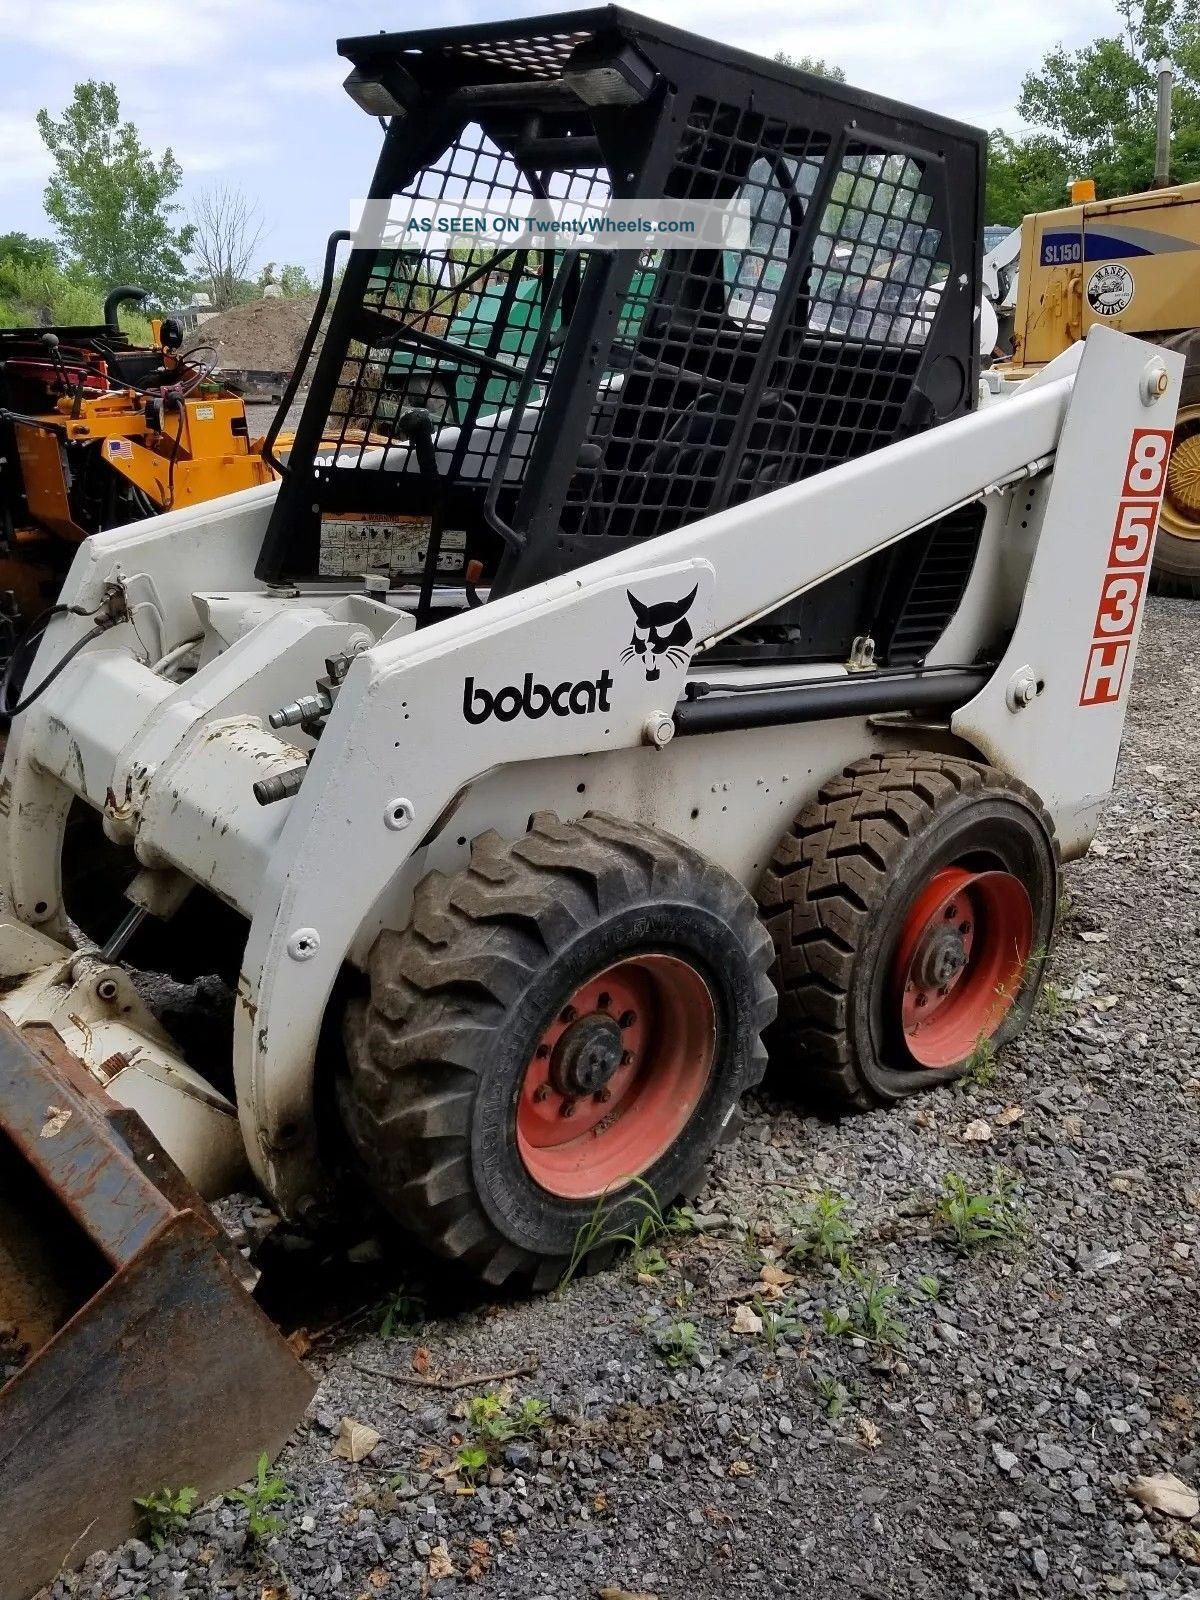 Bobcat Skid Steer 853h Skid Steer Loaders photo